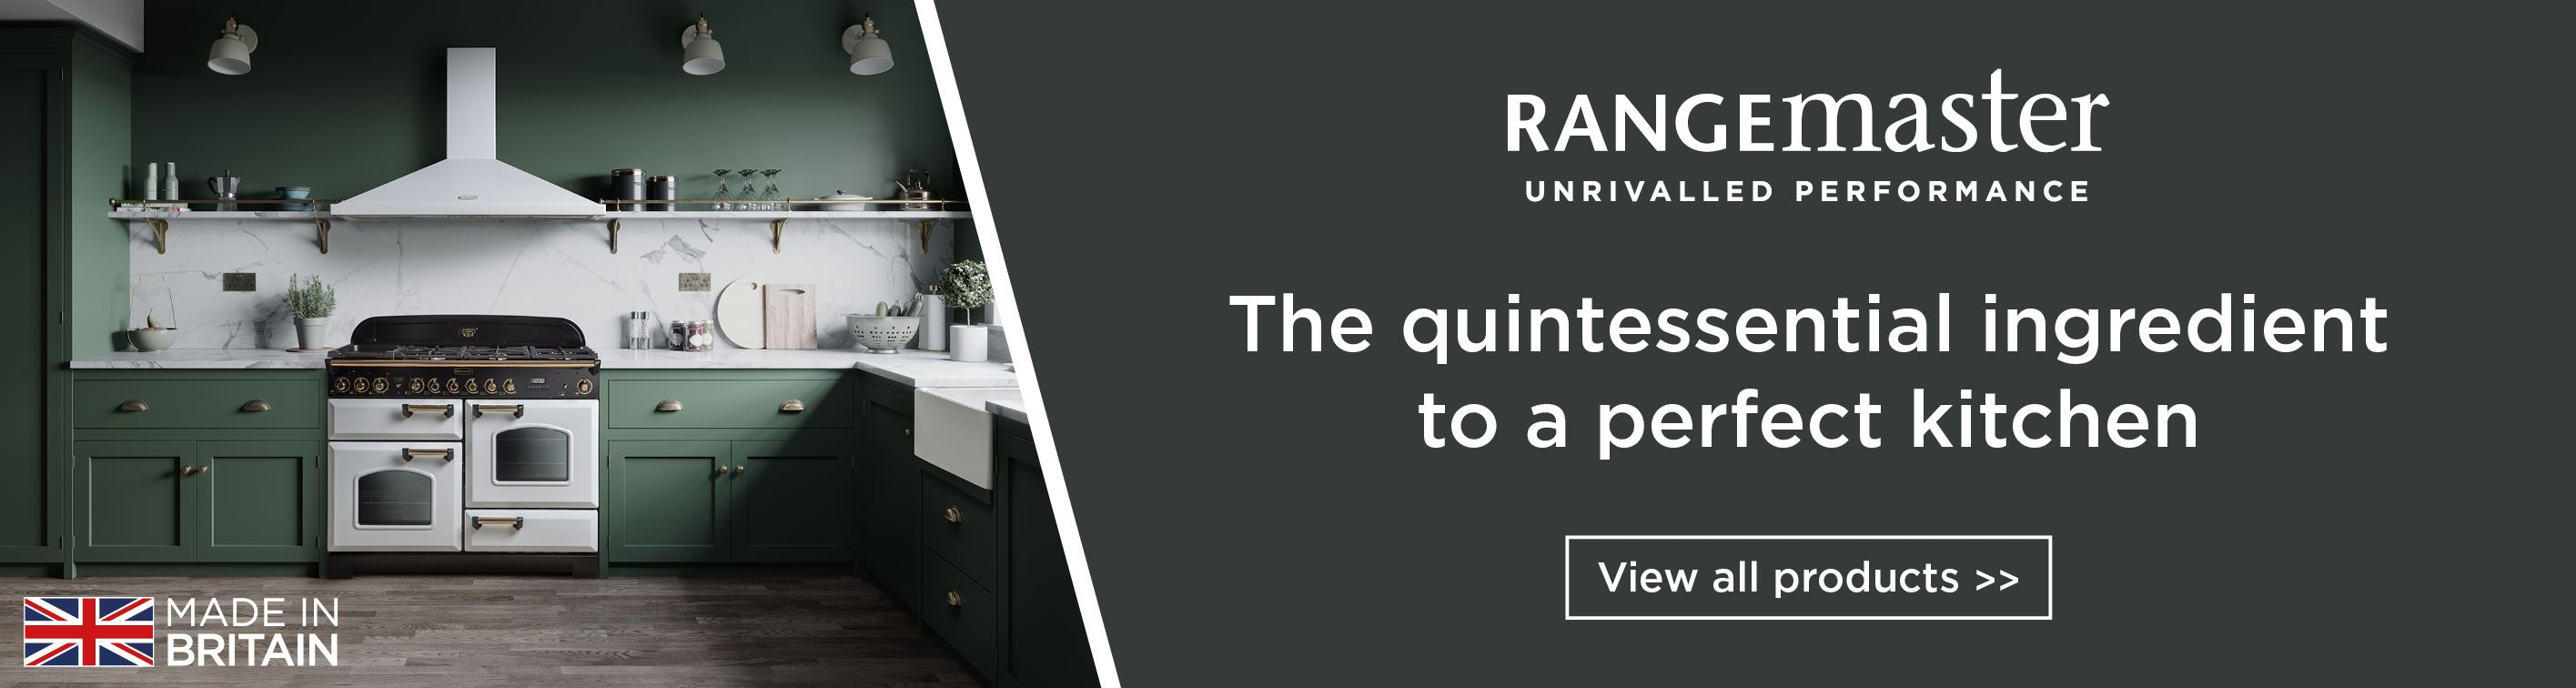 Rangemaster homepage banner Aug 2021